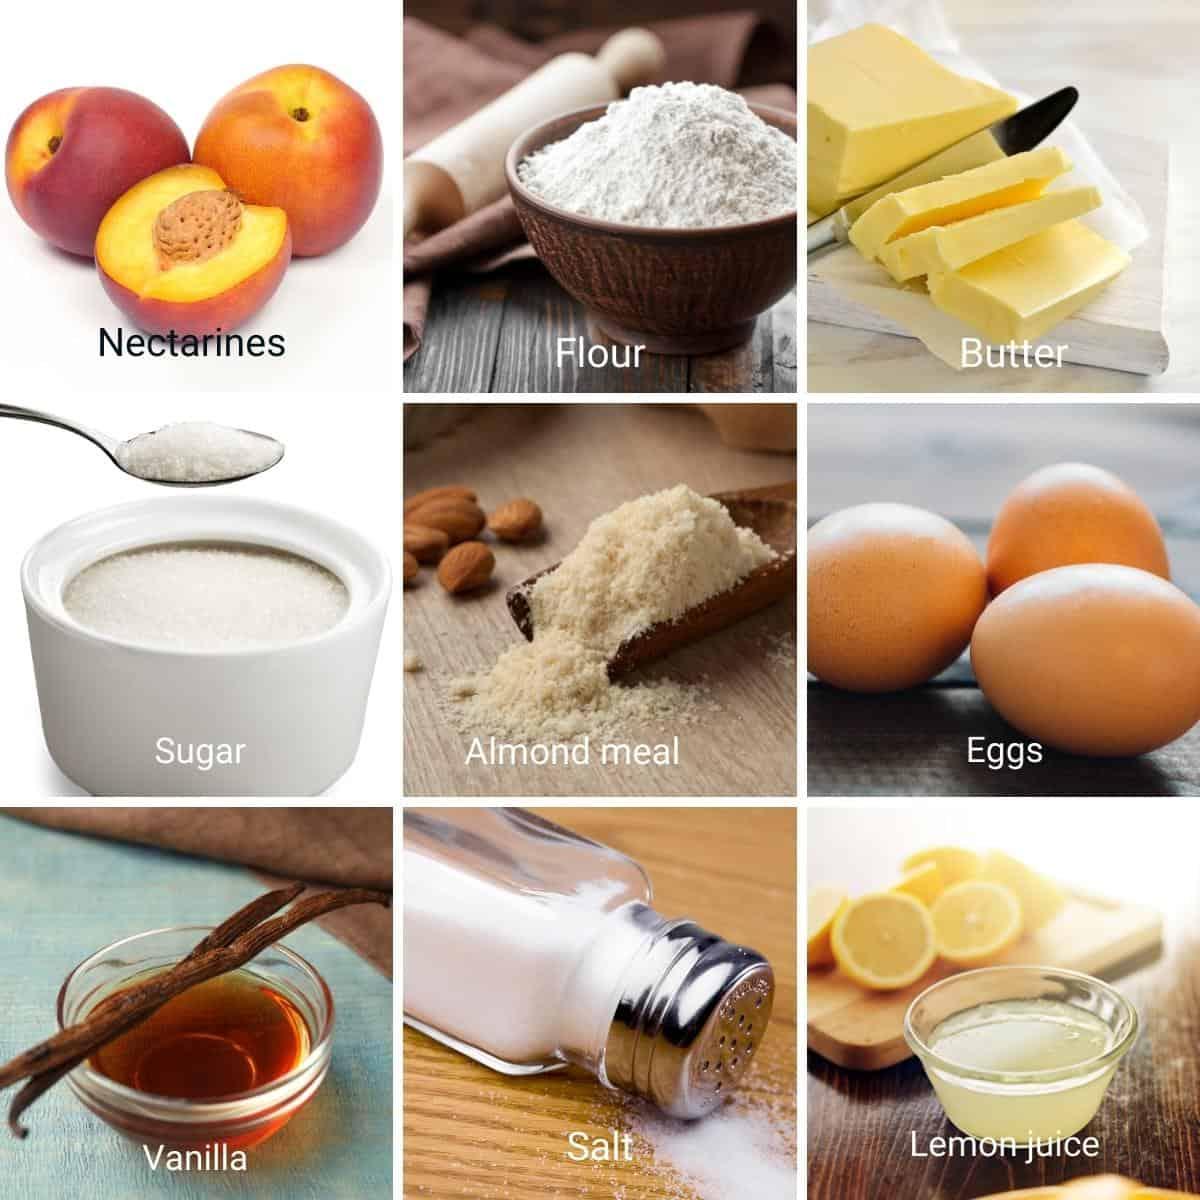 Ingredients for nectarine tart.